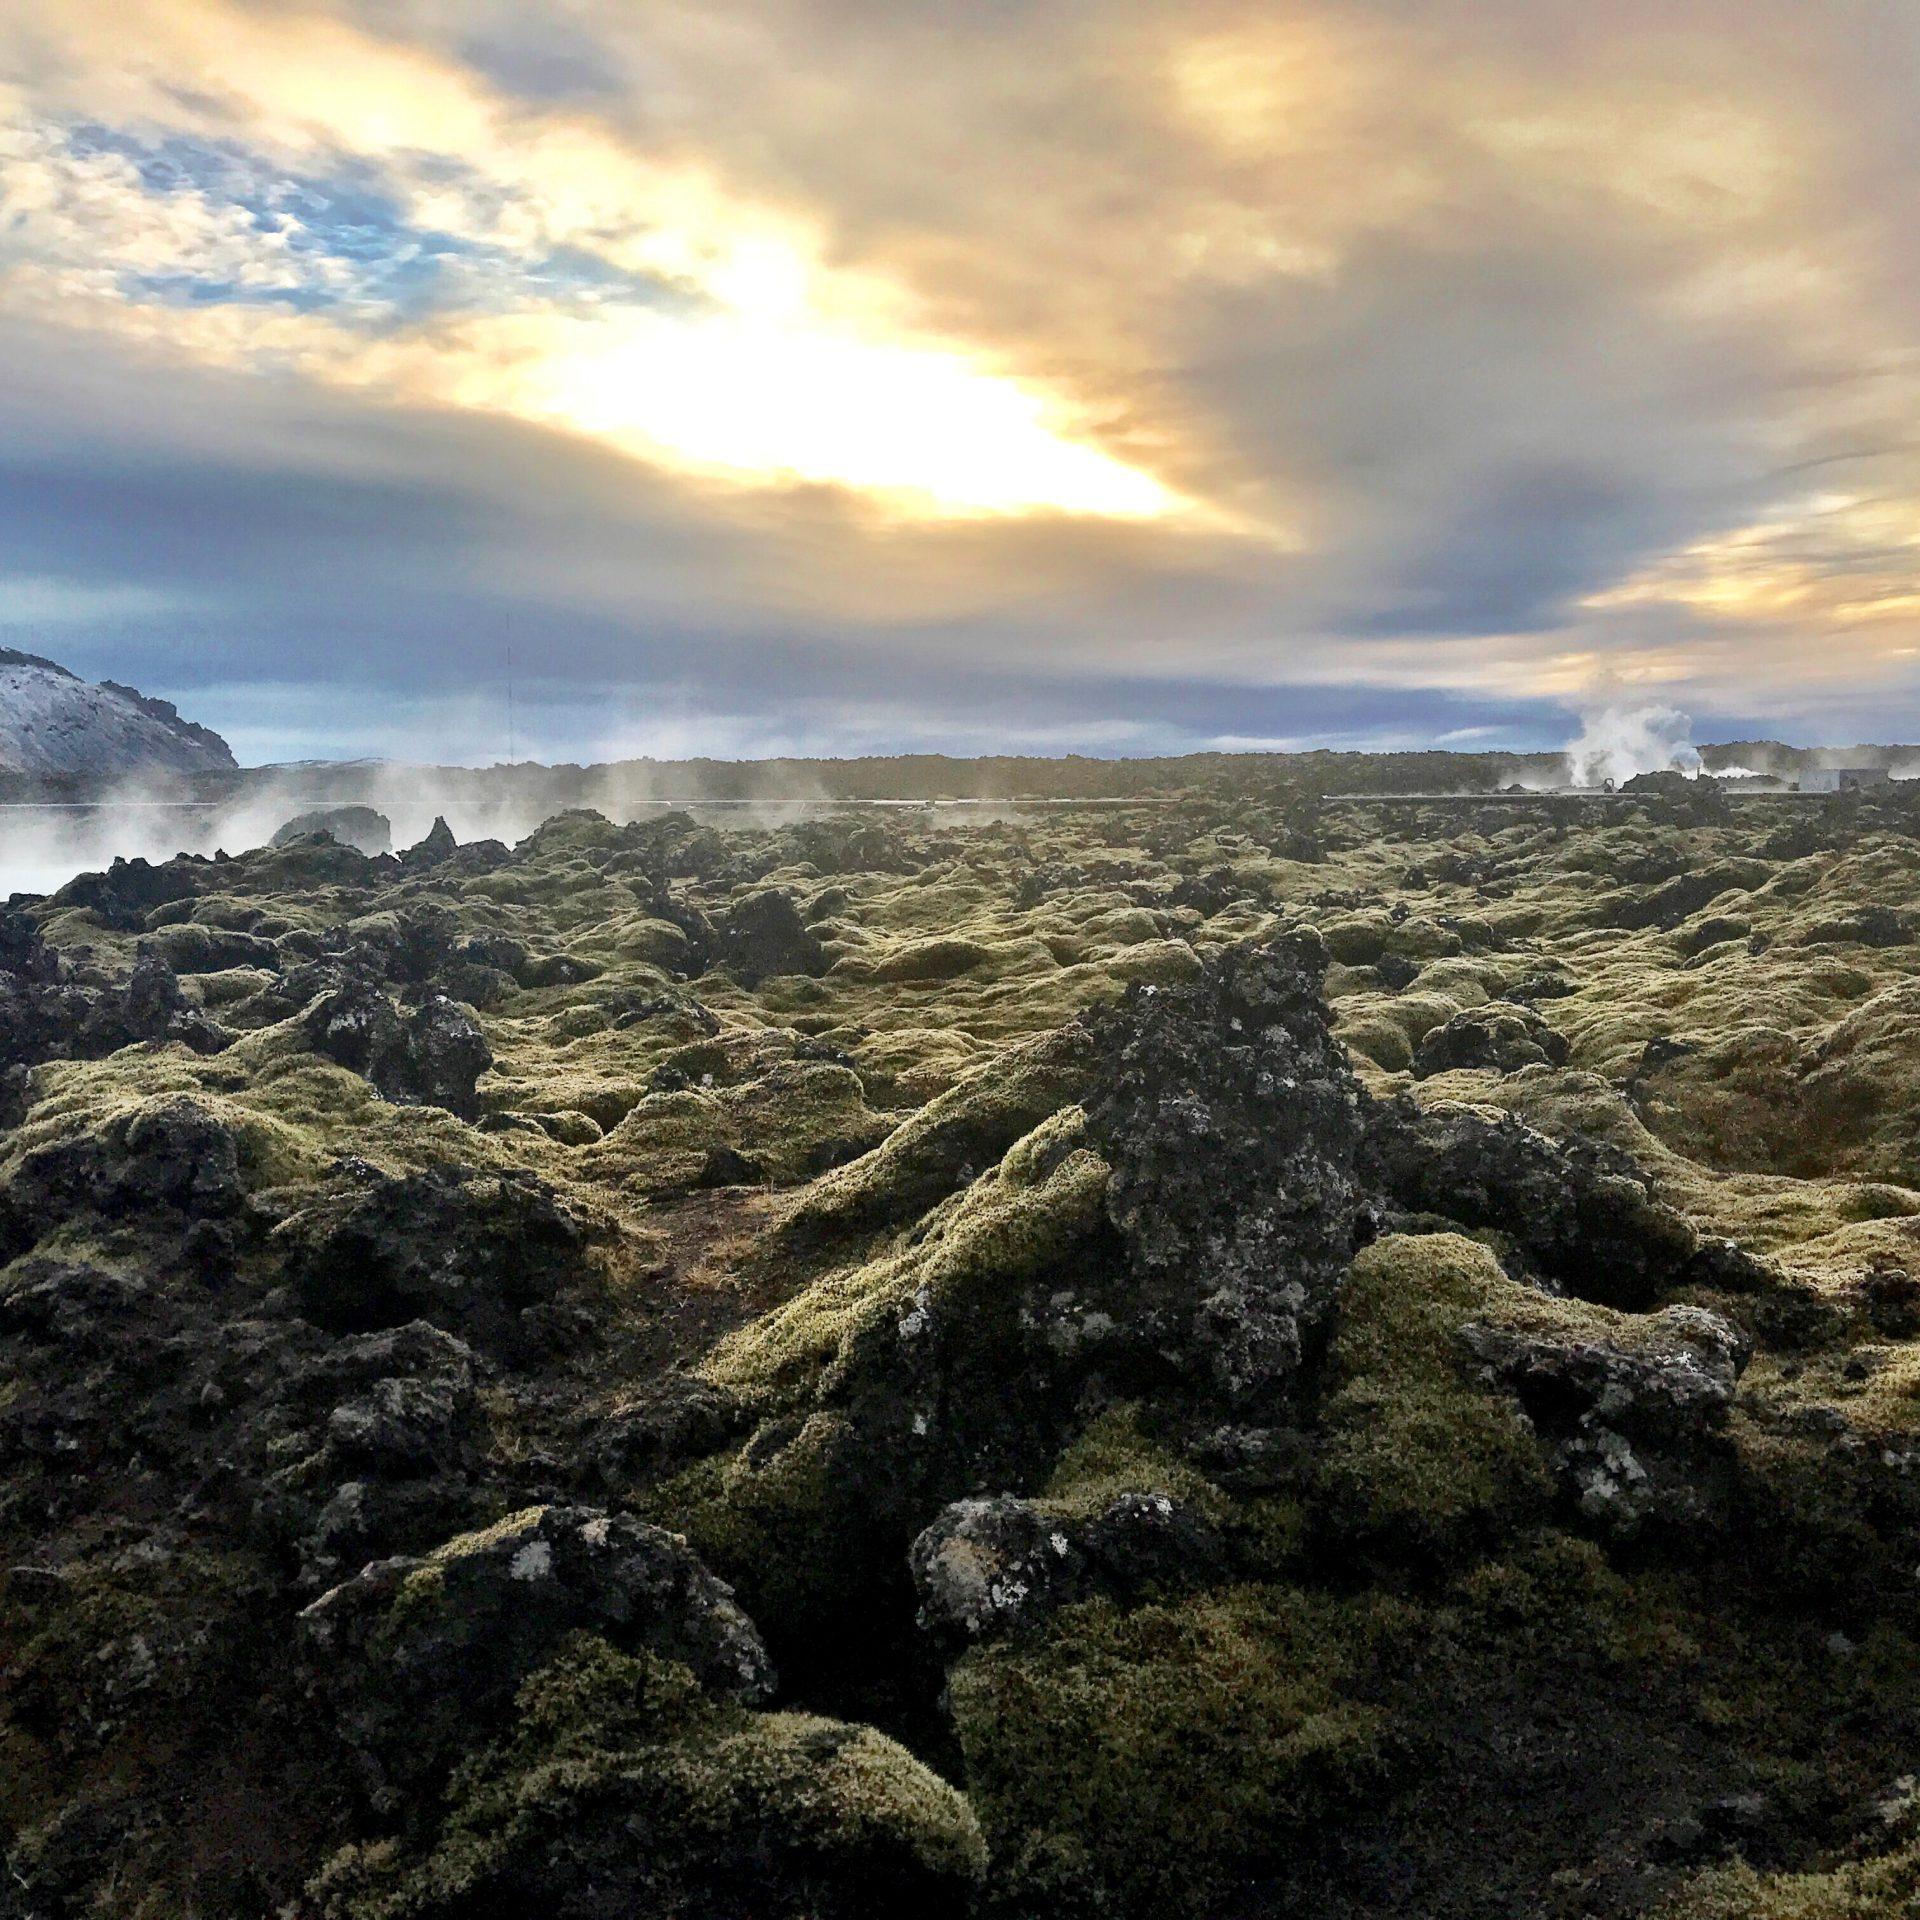 Iceland_Trail_Heather_TuckmanWebsitekate-haynes-Wn_ZEHR4hbY-unsplash